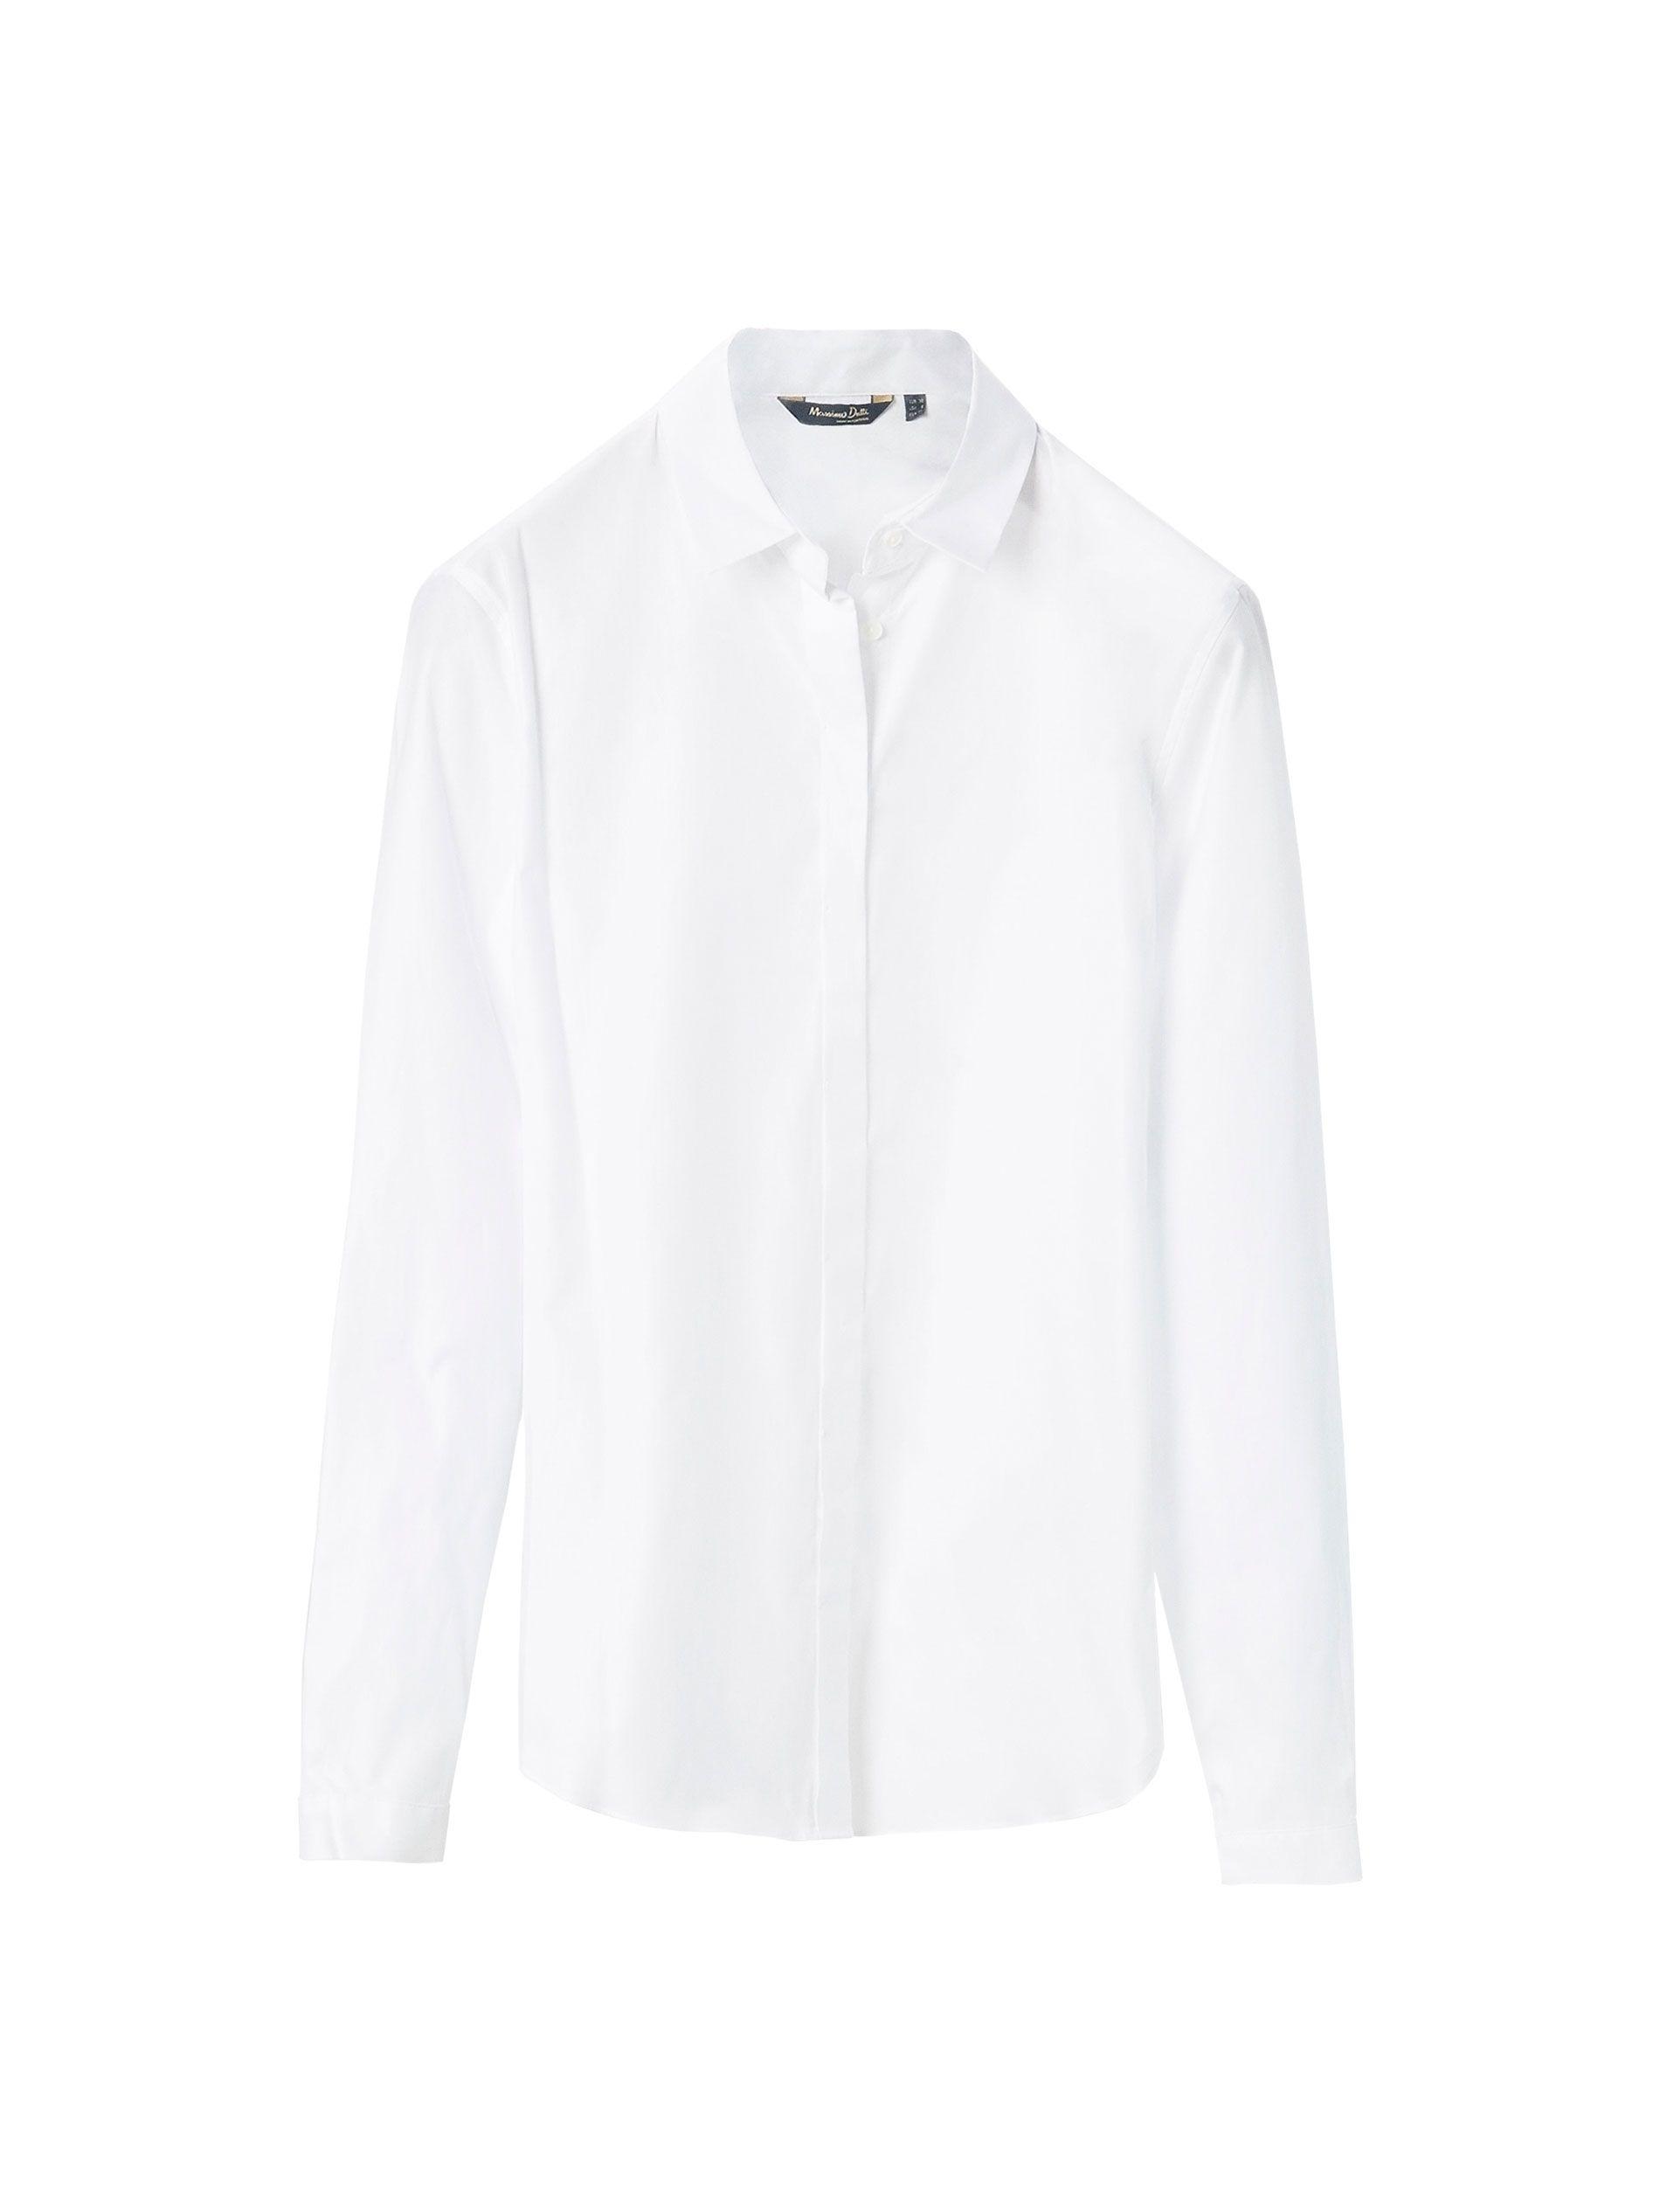 5d2e083398 Camisa blanca confeccionada en tejido popelín de 100% algodón. Corte recto